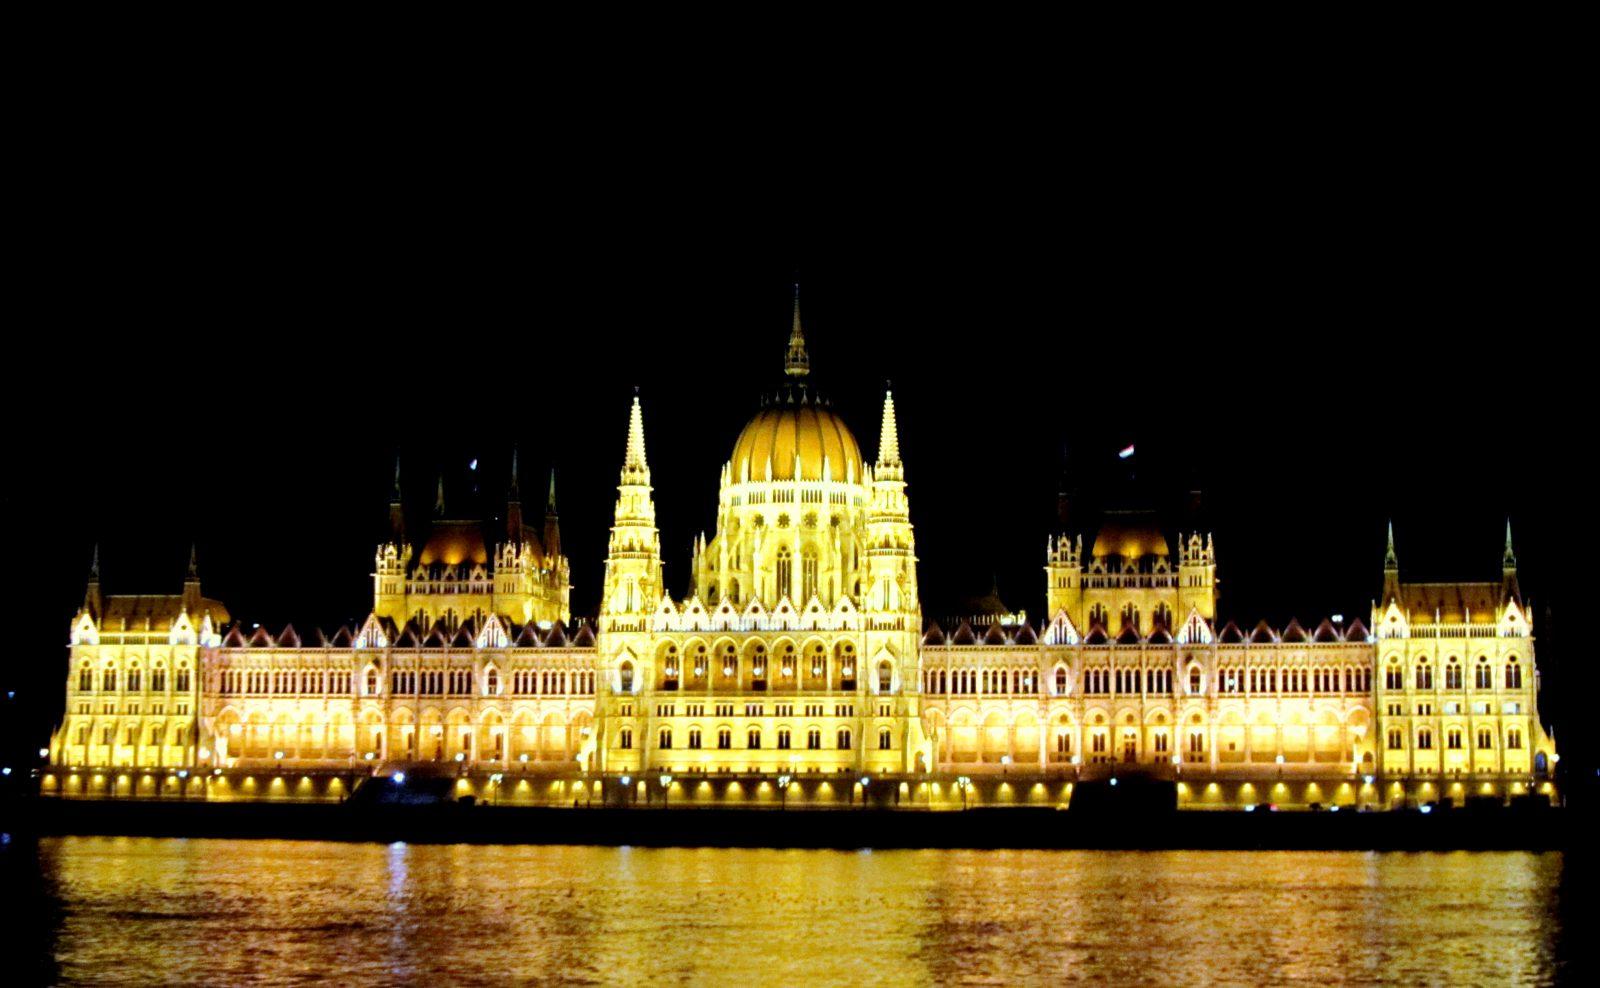 טיול בבודפשט הפרלמנט